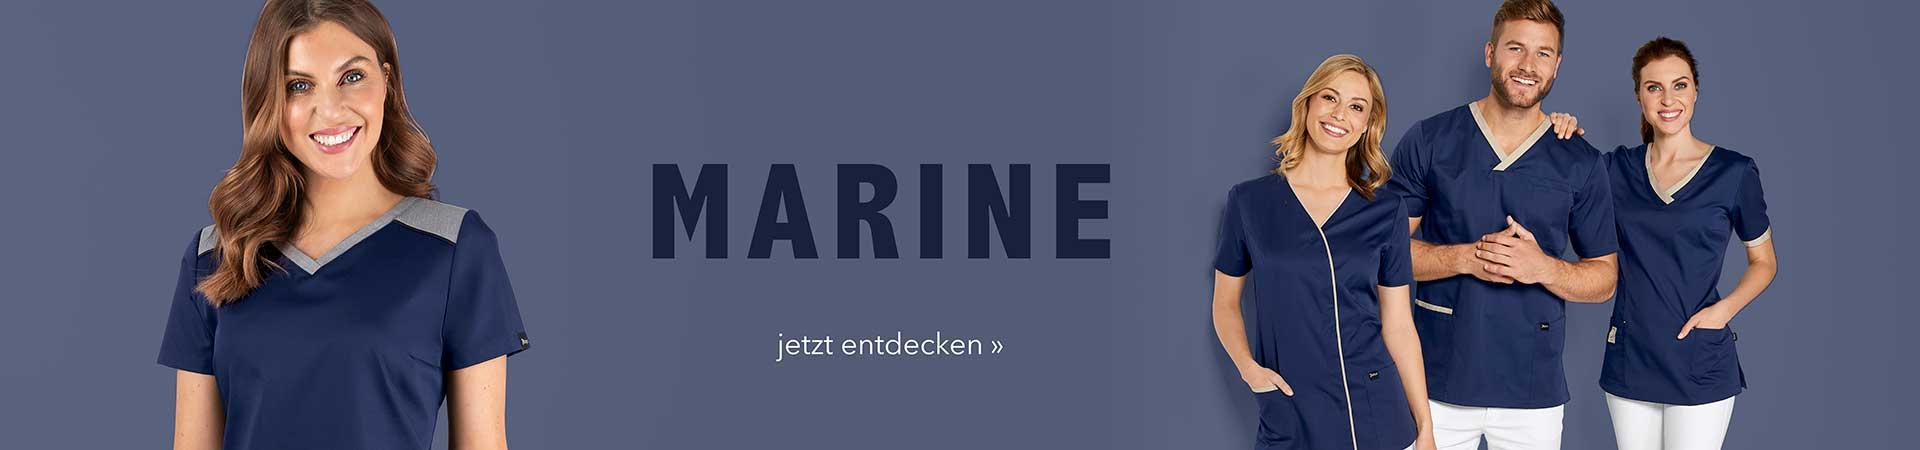 Teamfarbe marine